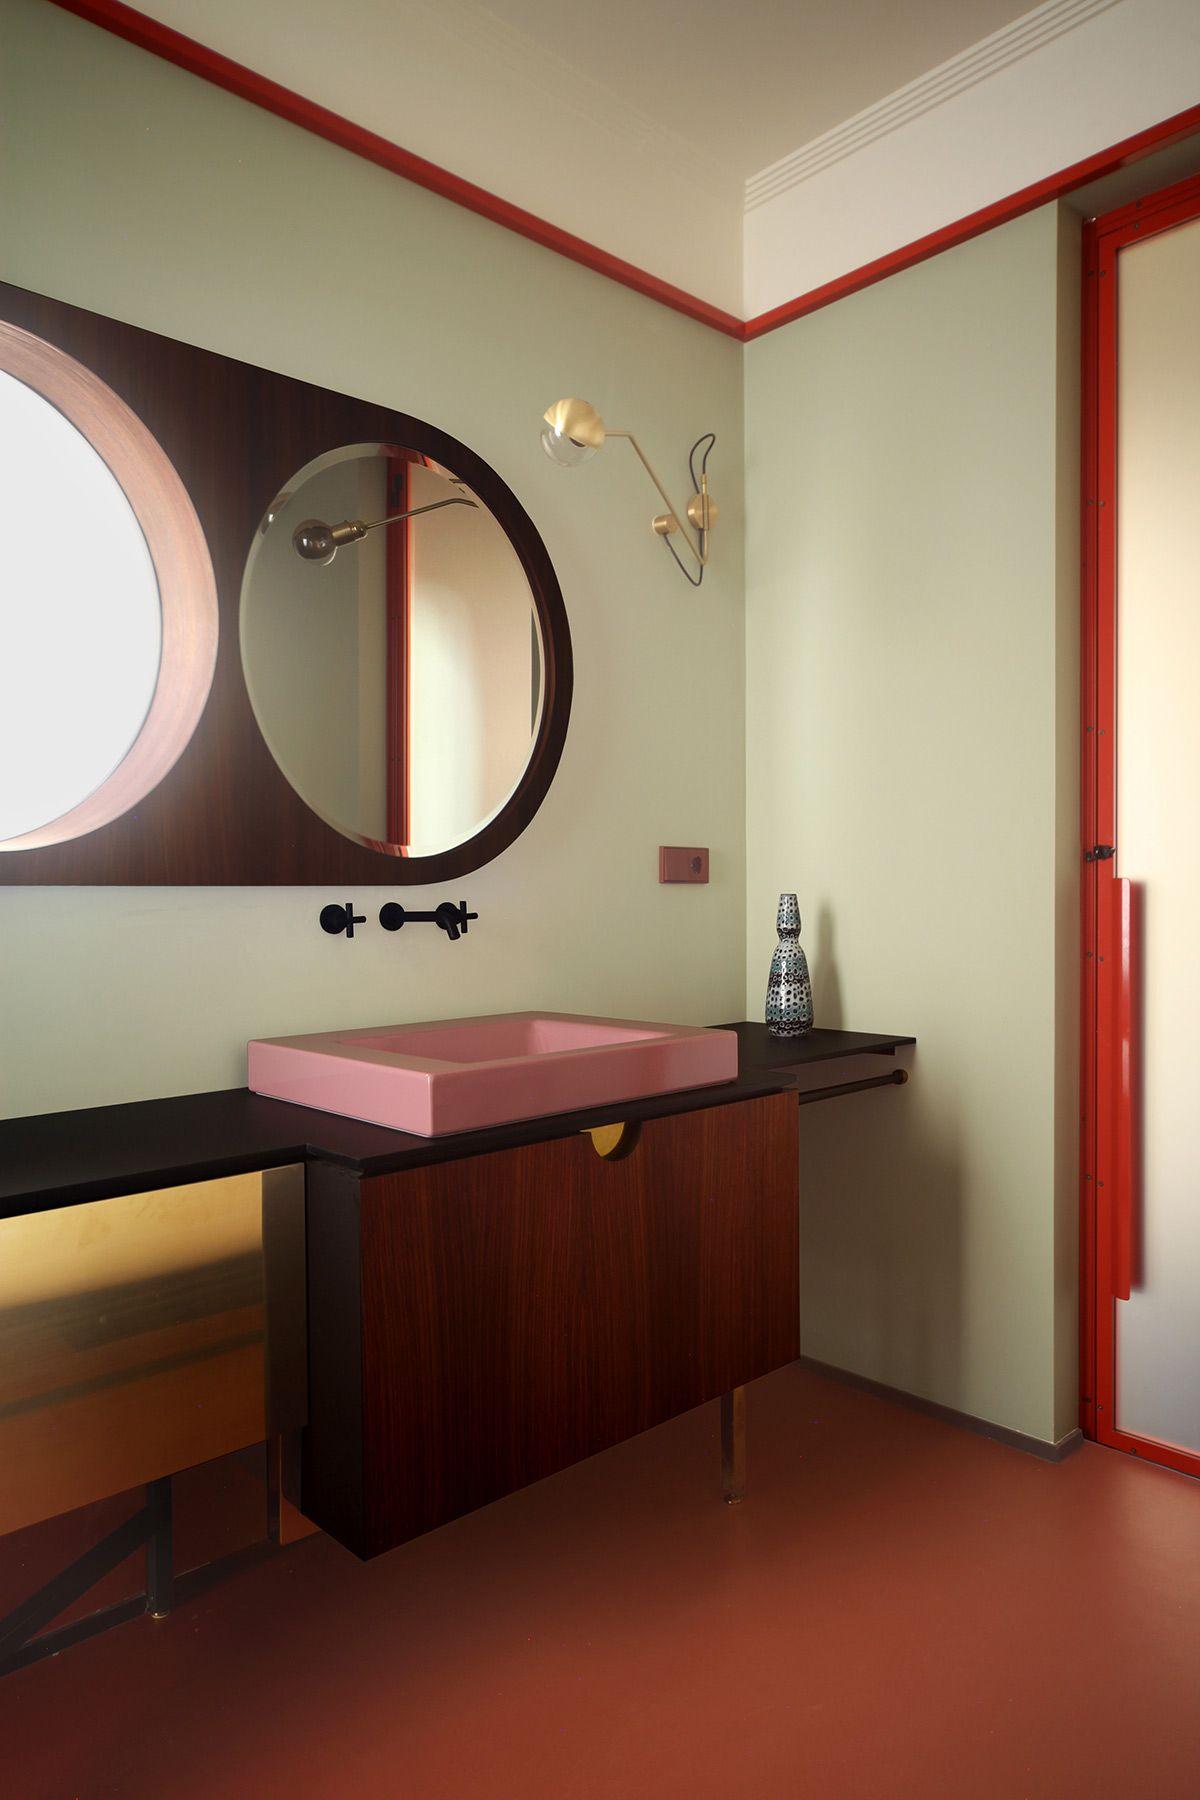 Aseo PRIVADO | Cuarto de baño rojo, Diseño de interiores ...